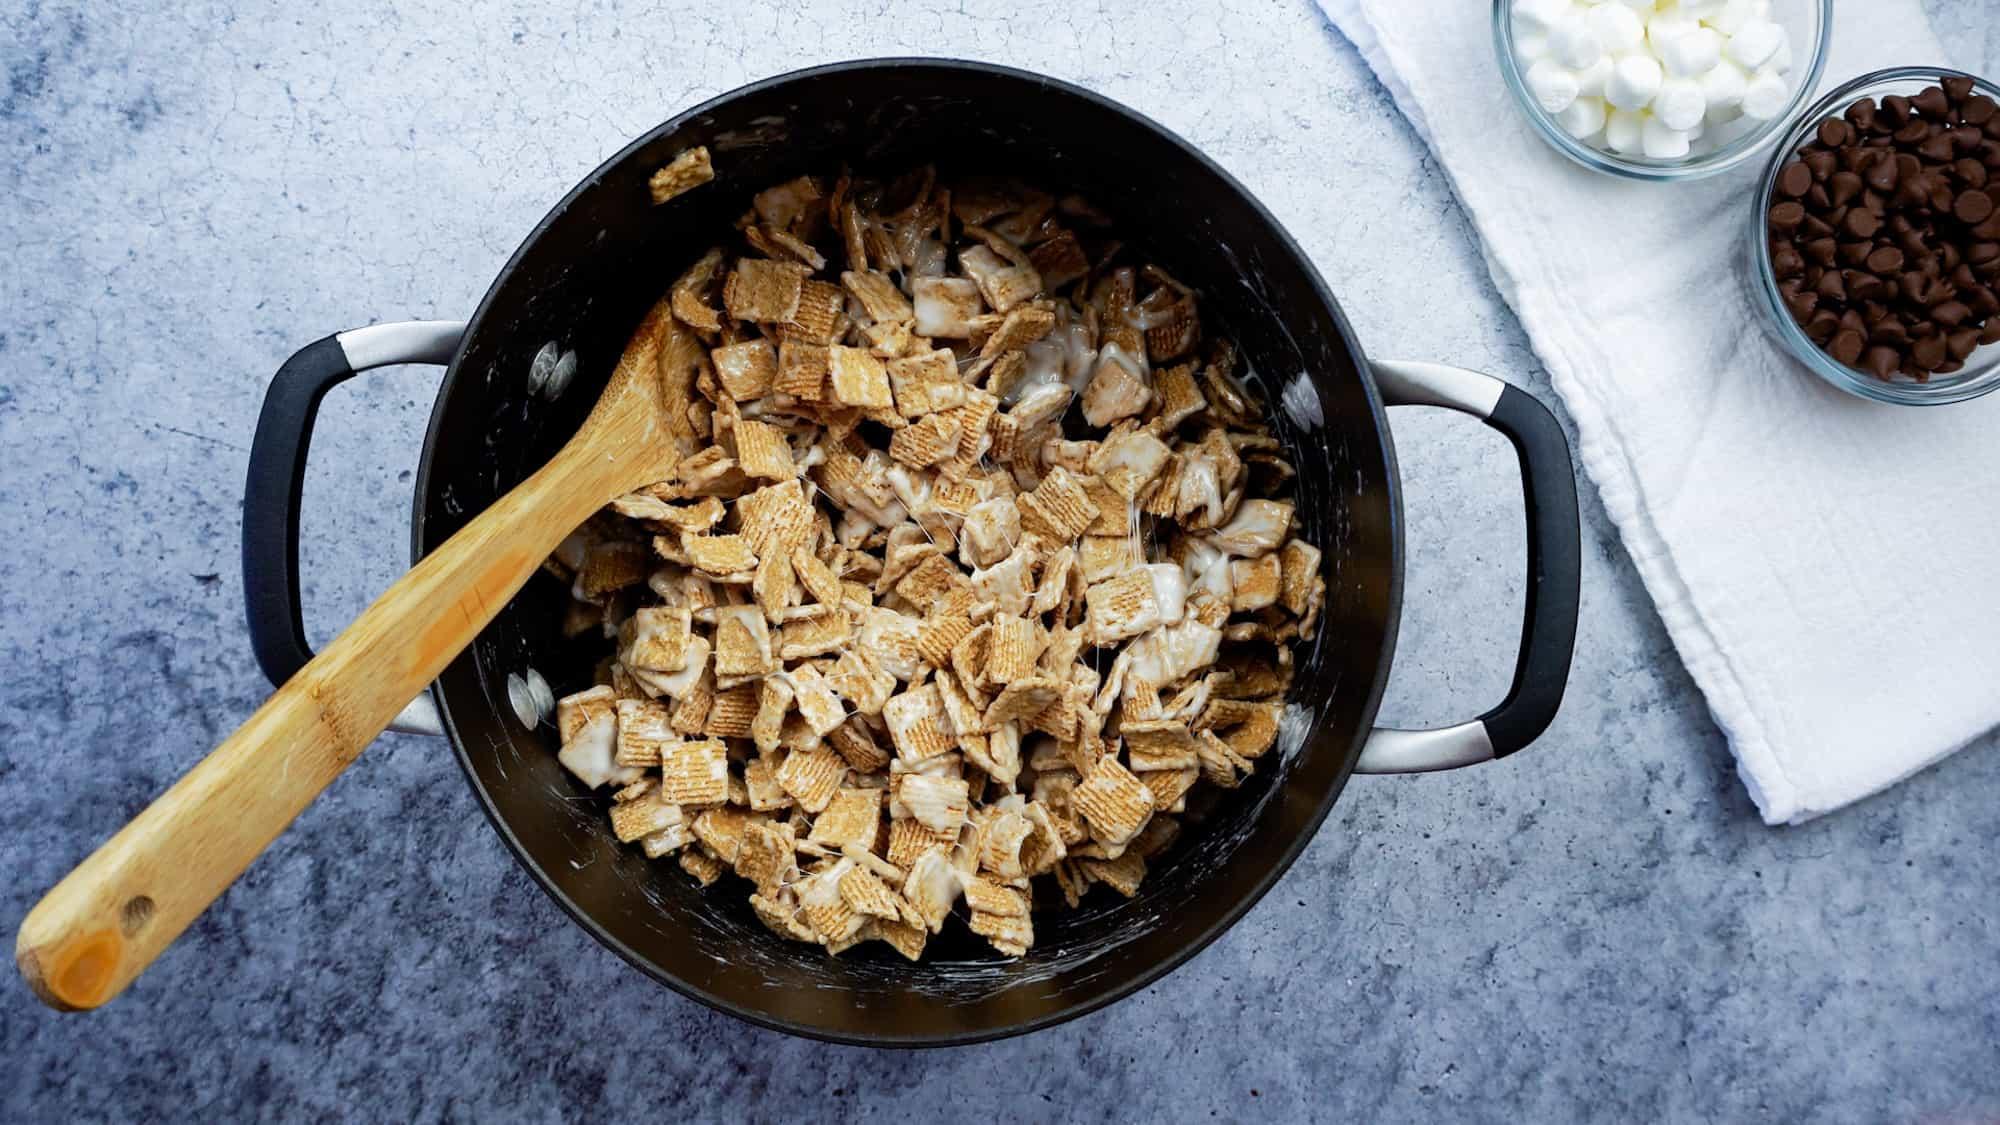 golden grahams mixed in marshmallow